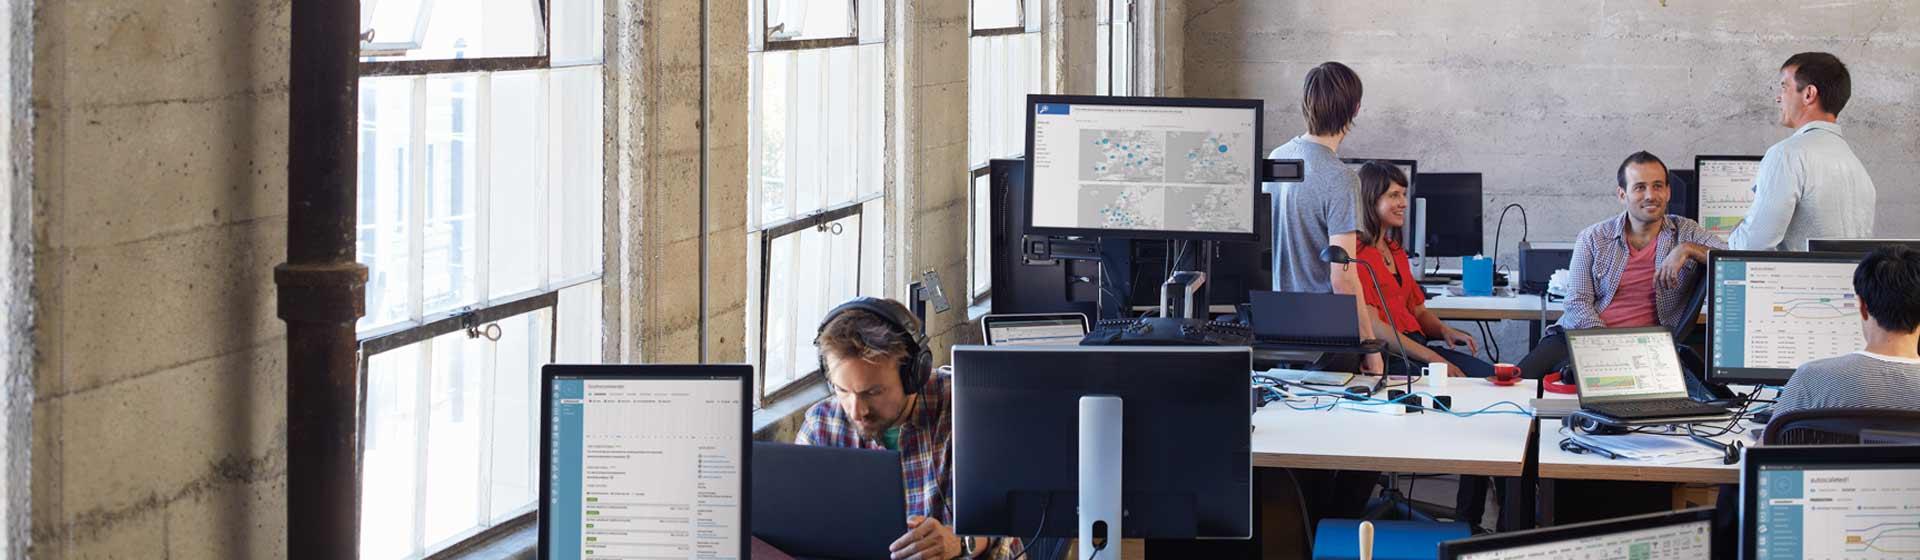 Skupina spolupracovníků sedících a stojících kolem svých stolů v kanceláři plné počítačů s Office 365